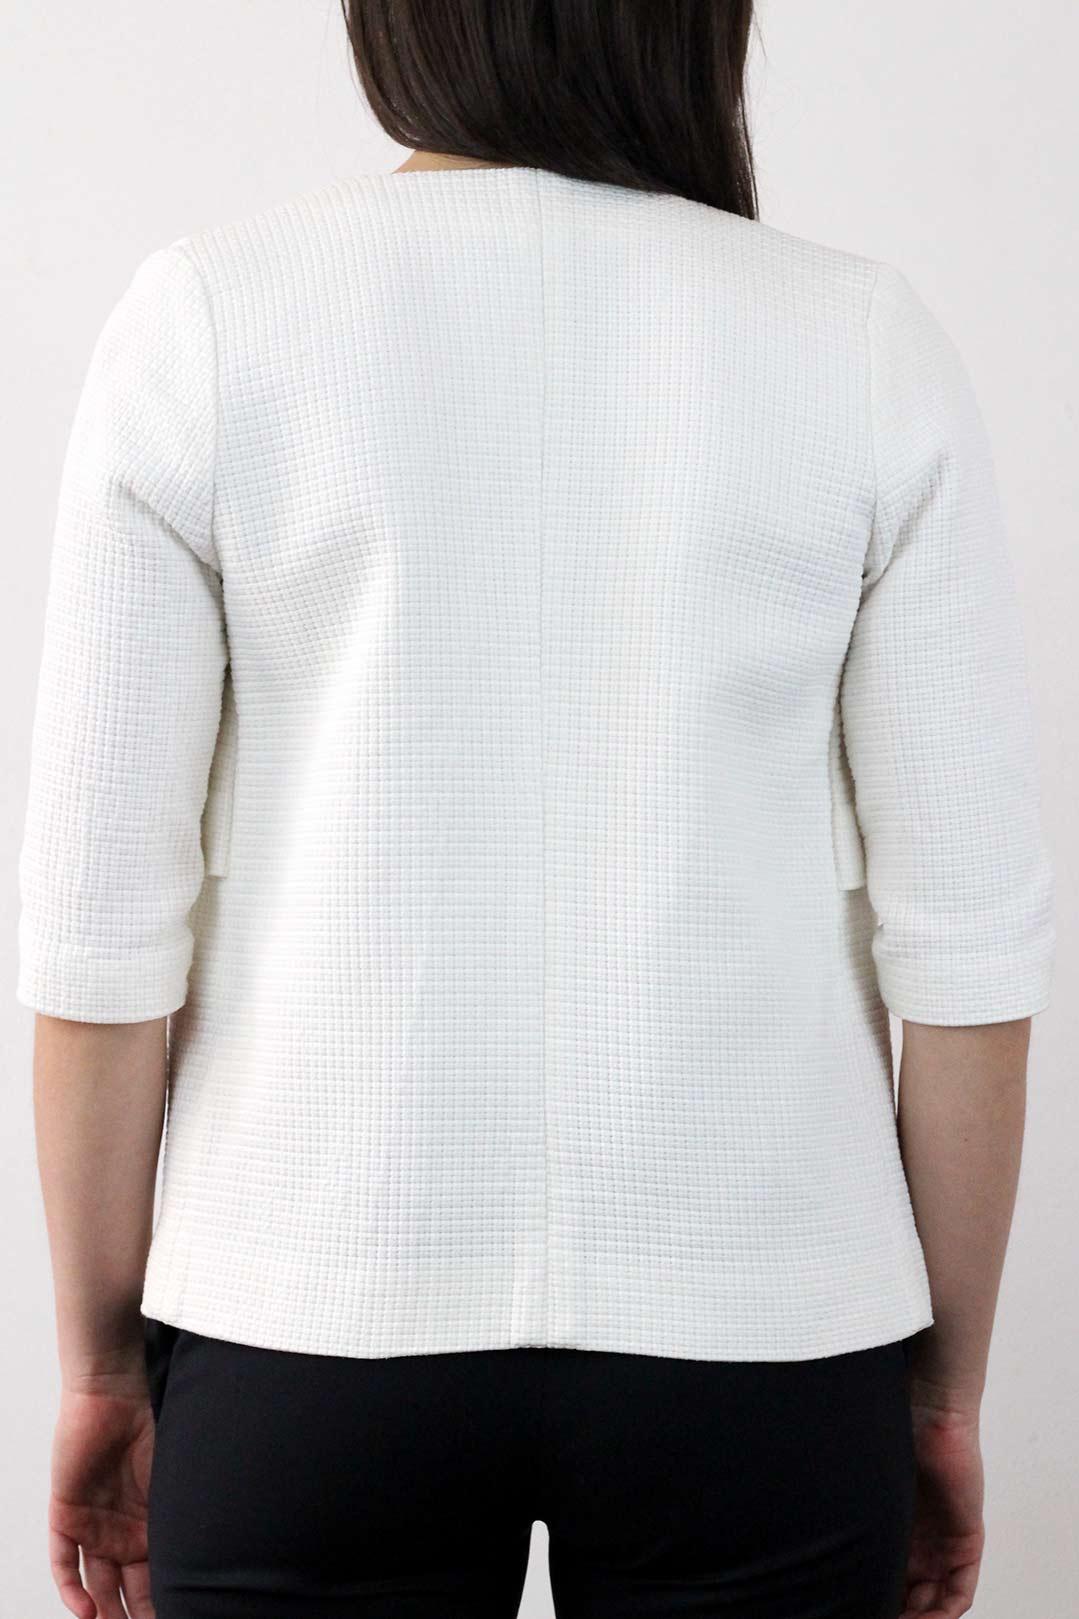 Veste Coton blanche femme 3